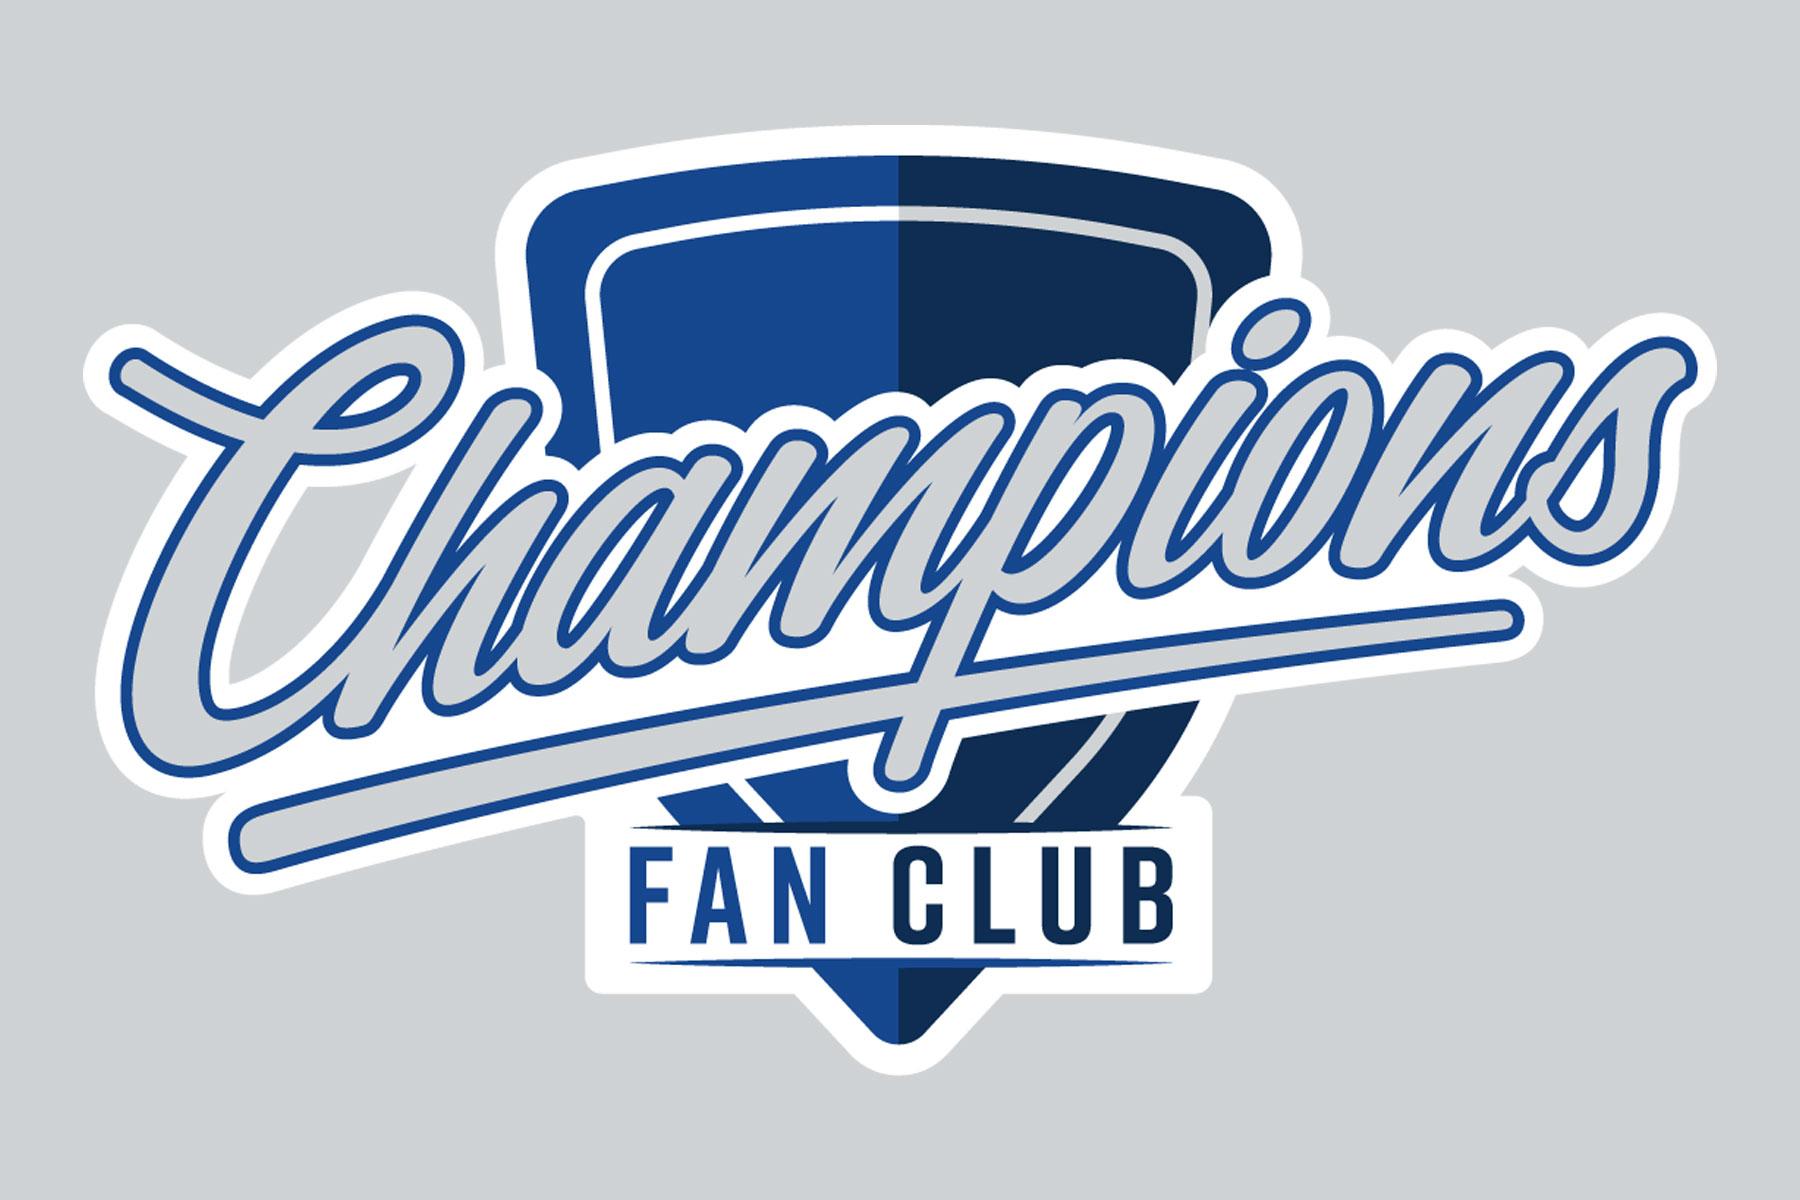 Champions Fan Club